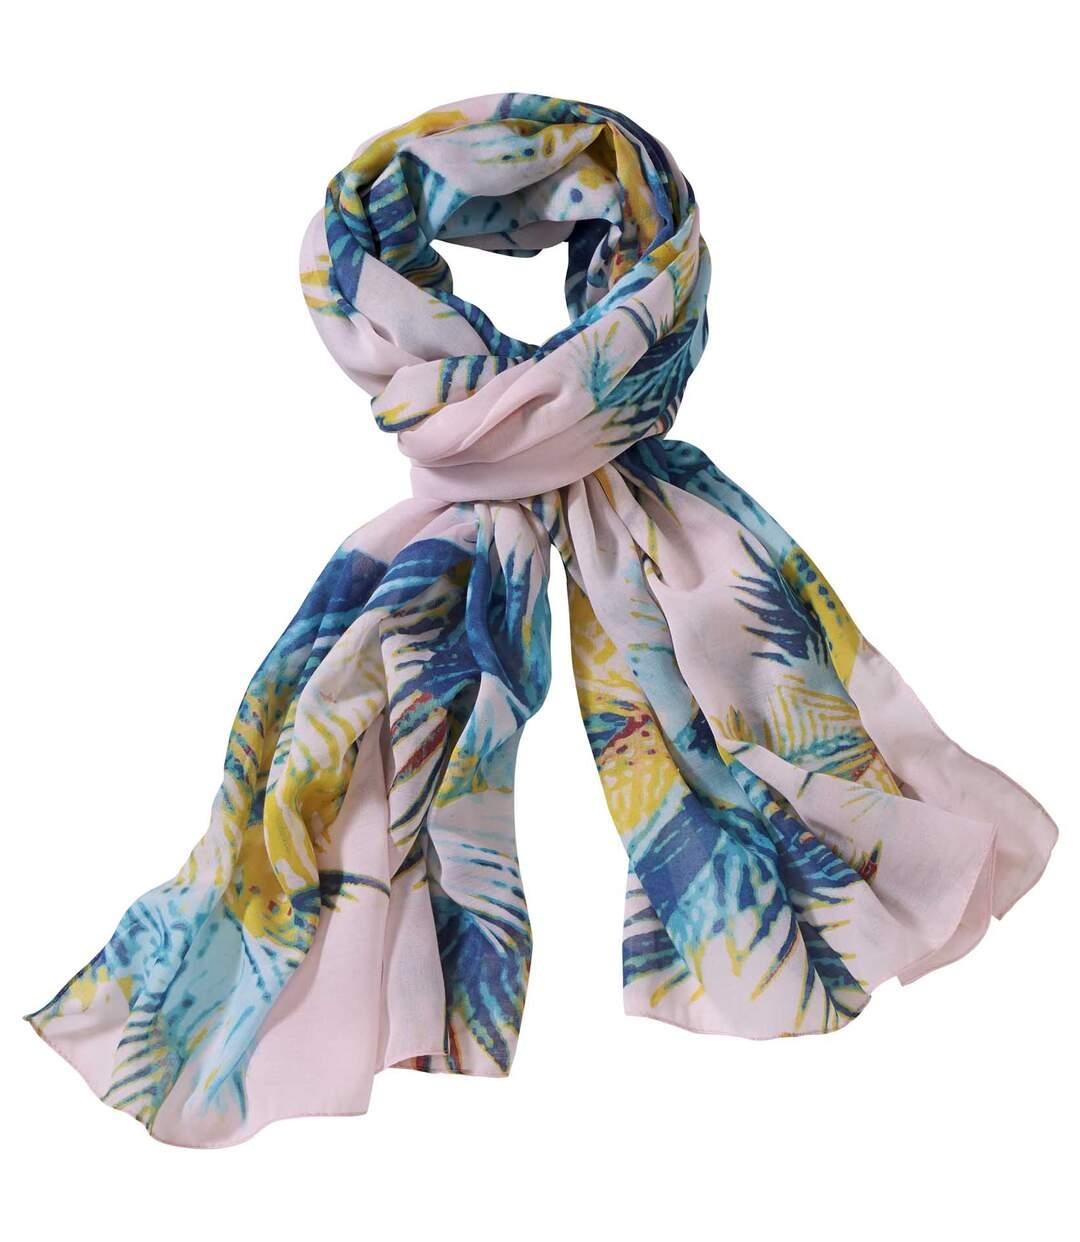 Šátek s potiskem palmových listů